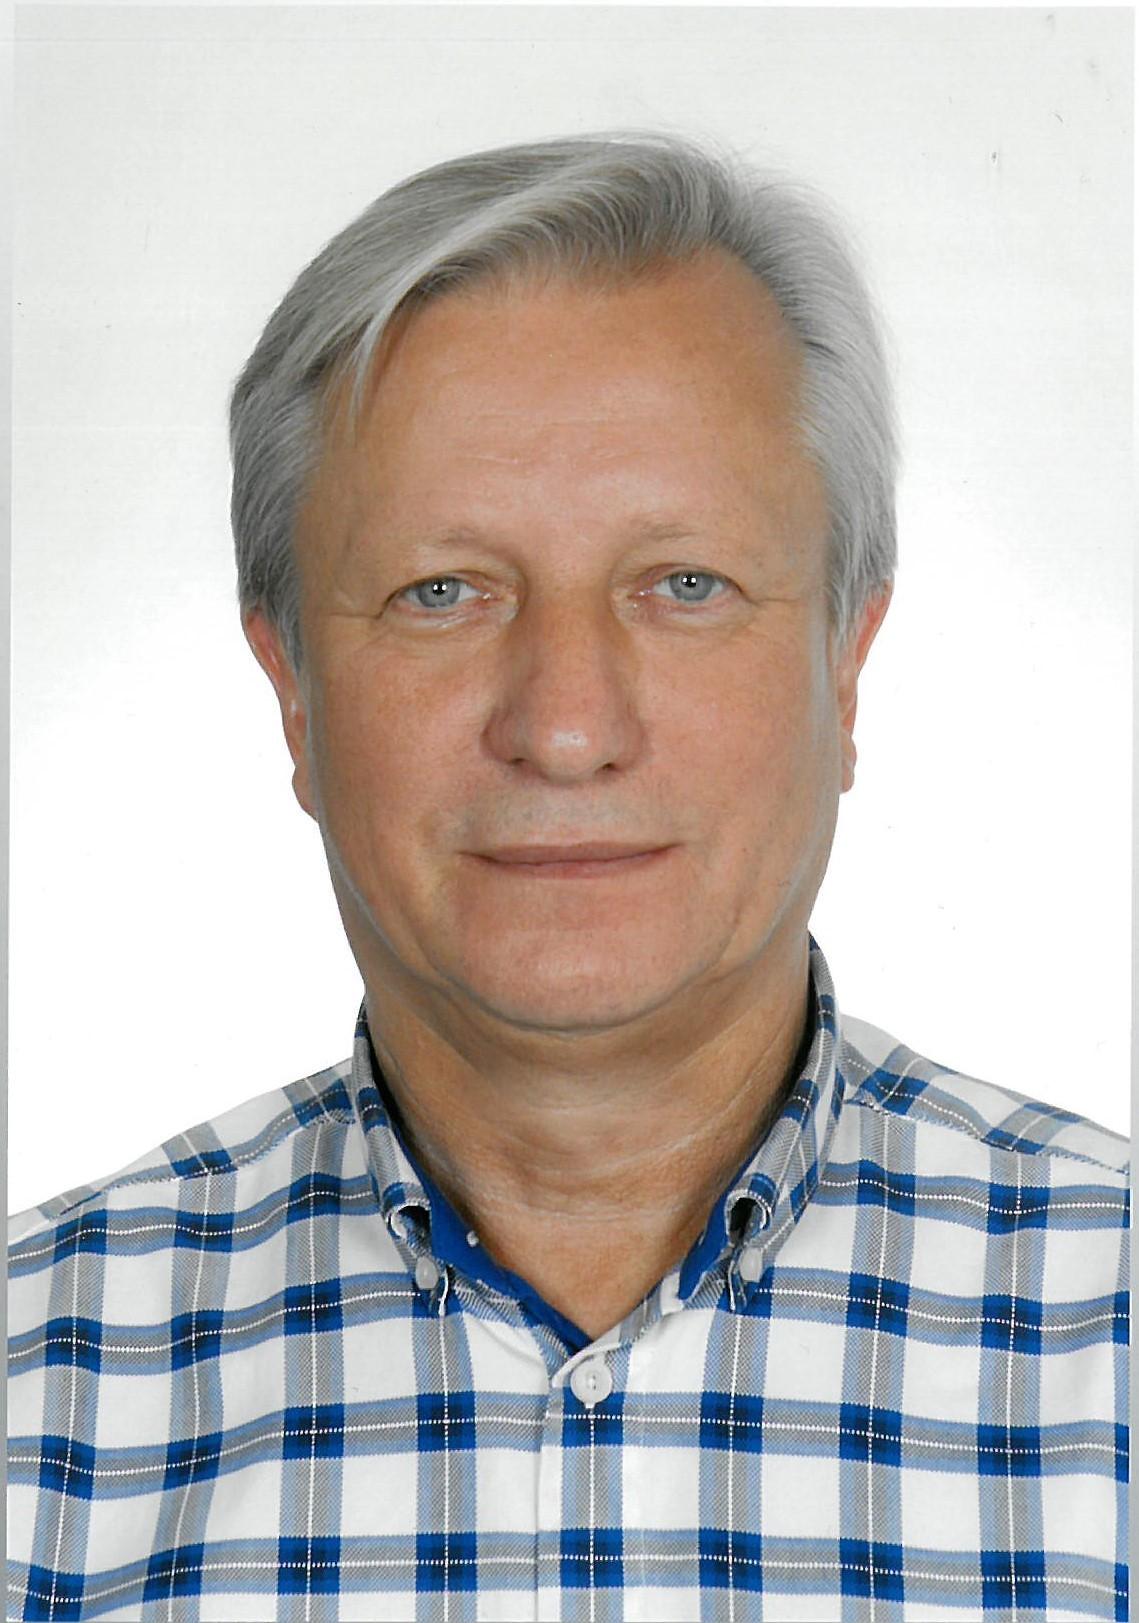 Władysław Krawczyk